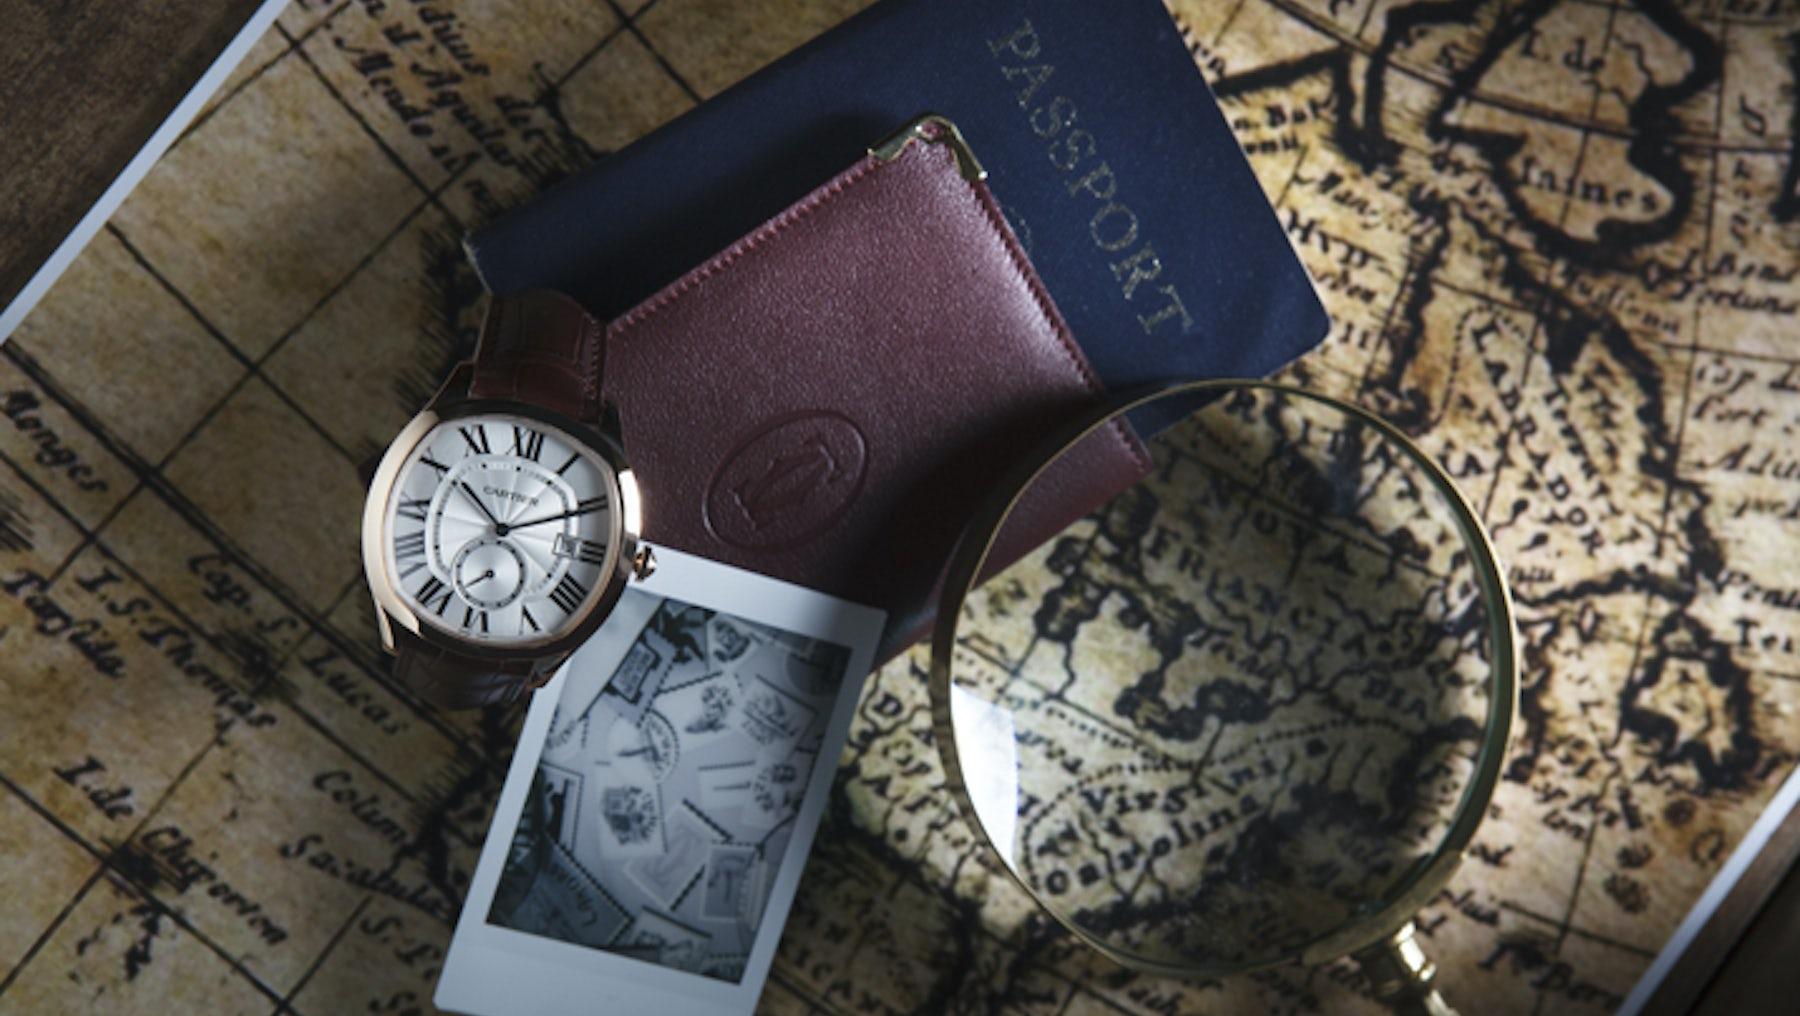 The Cartier Drive watch | Source: Cartier